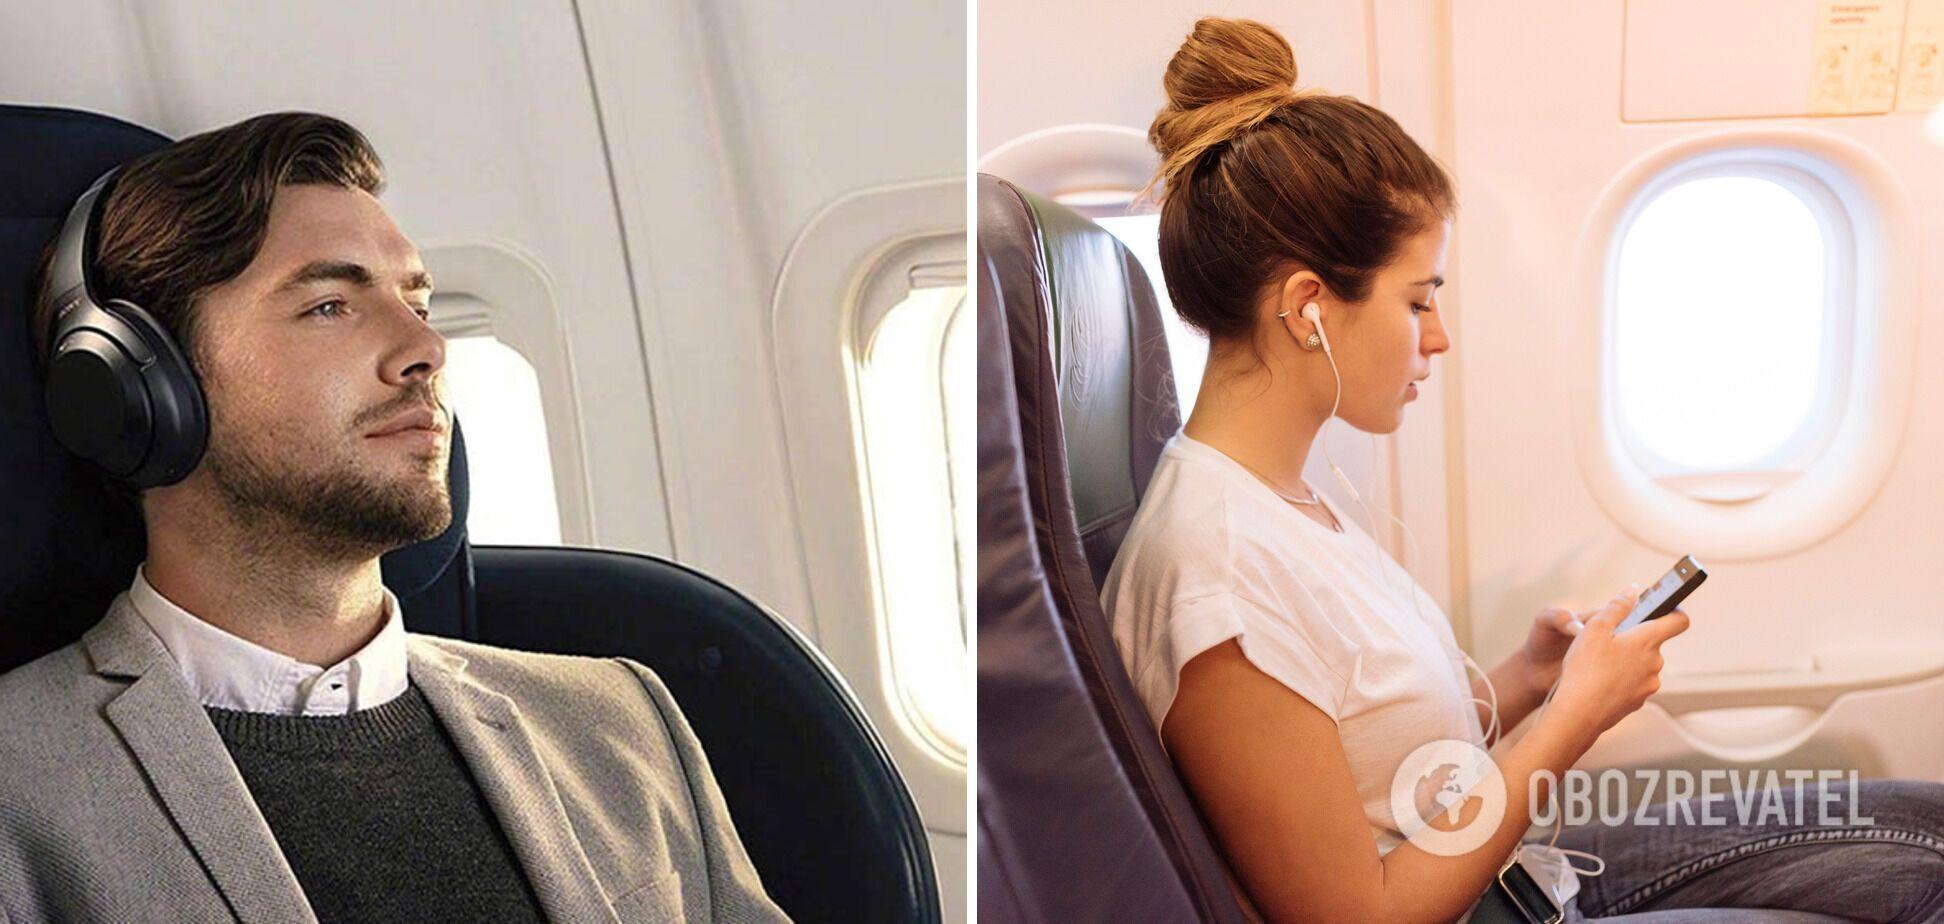 Во время взлета и посадки нужно снимать наушники.